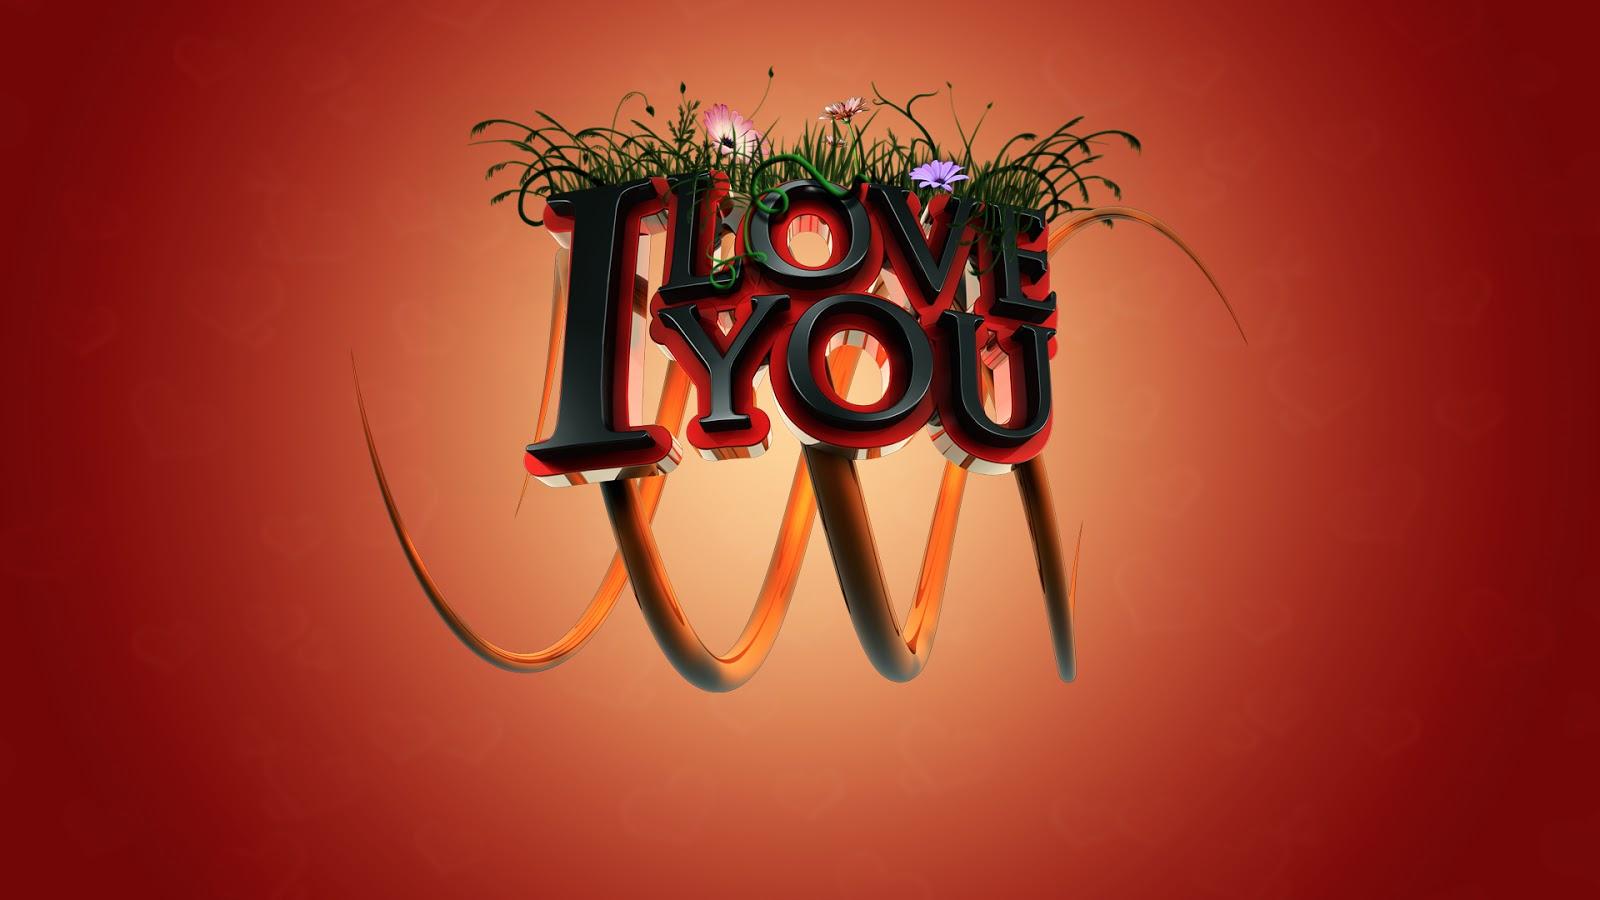 Stylish 3D I Love You Images HD